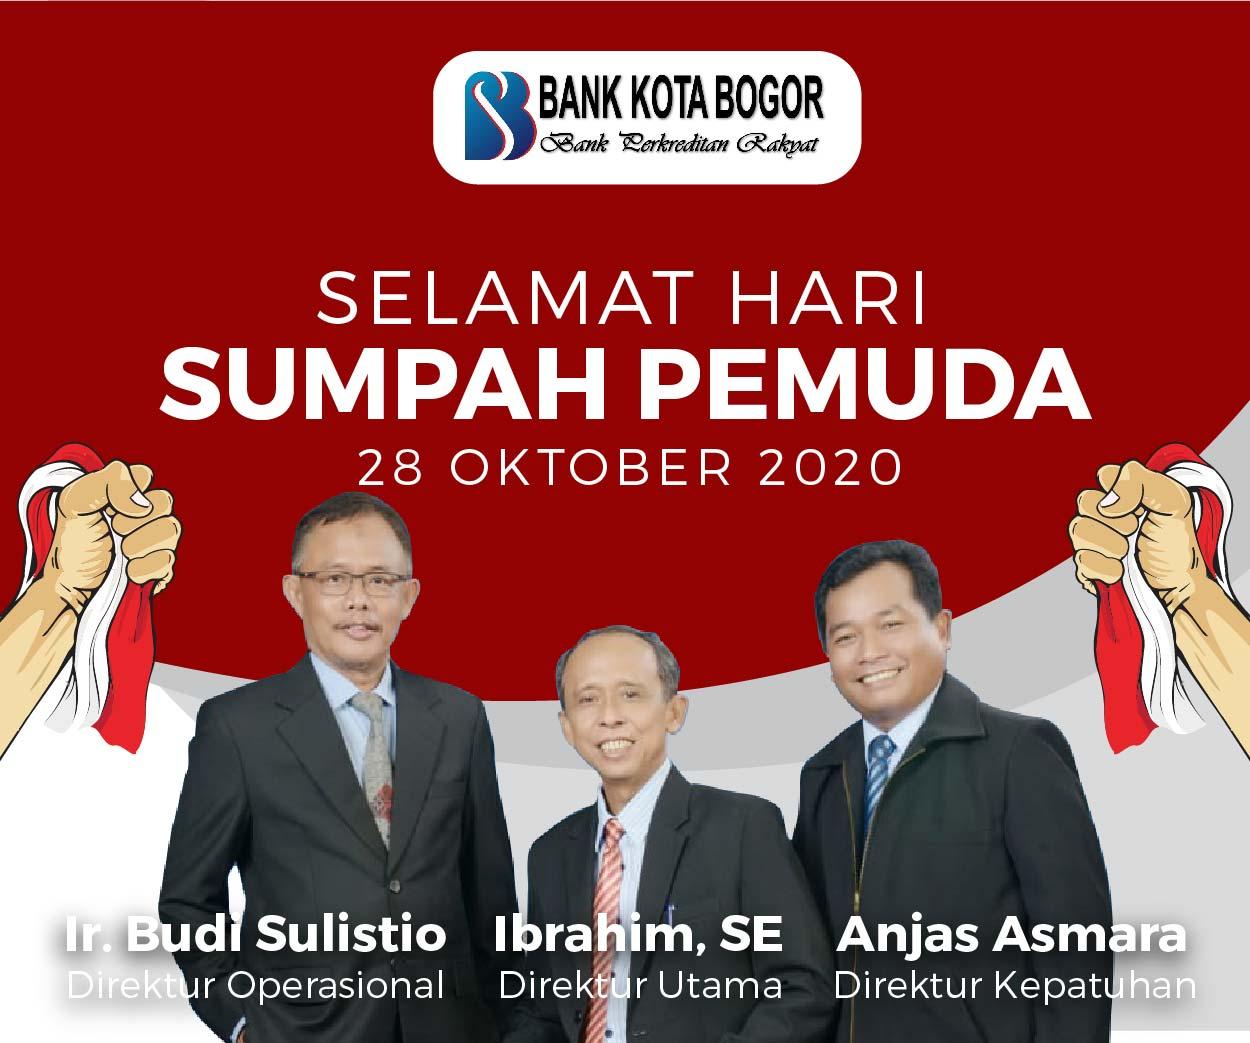 Sumpah Pemuda Bank Kota Bogor